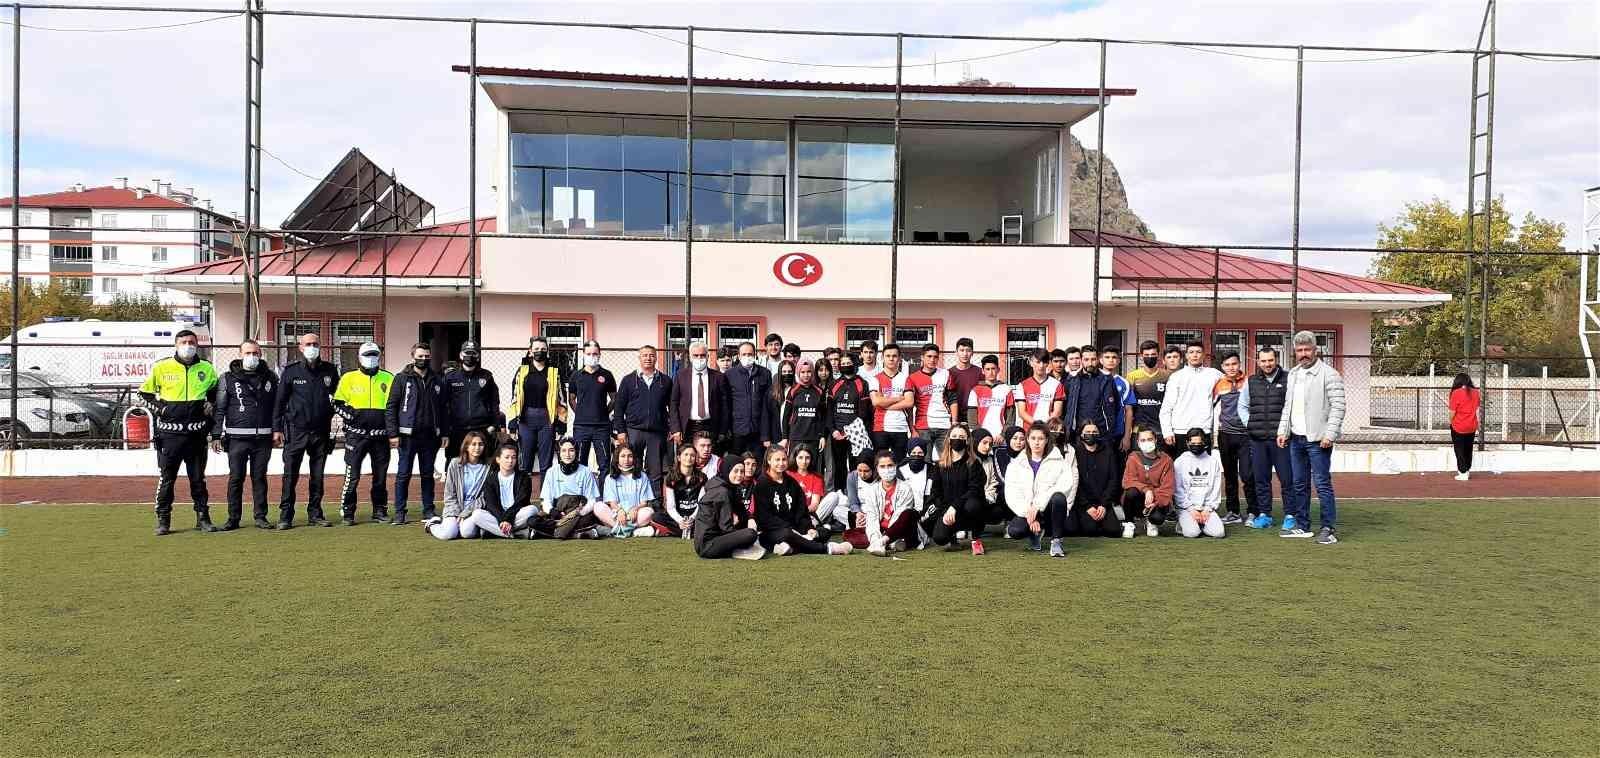 Osmancık'ta Cumhuriyet koşusu yapıldı #corum